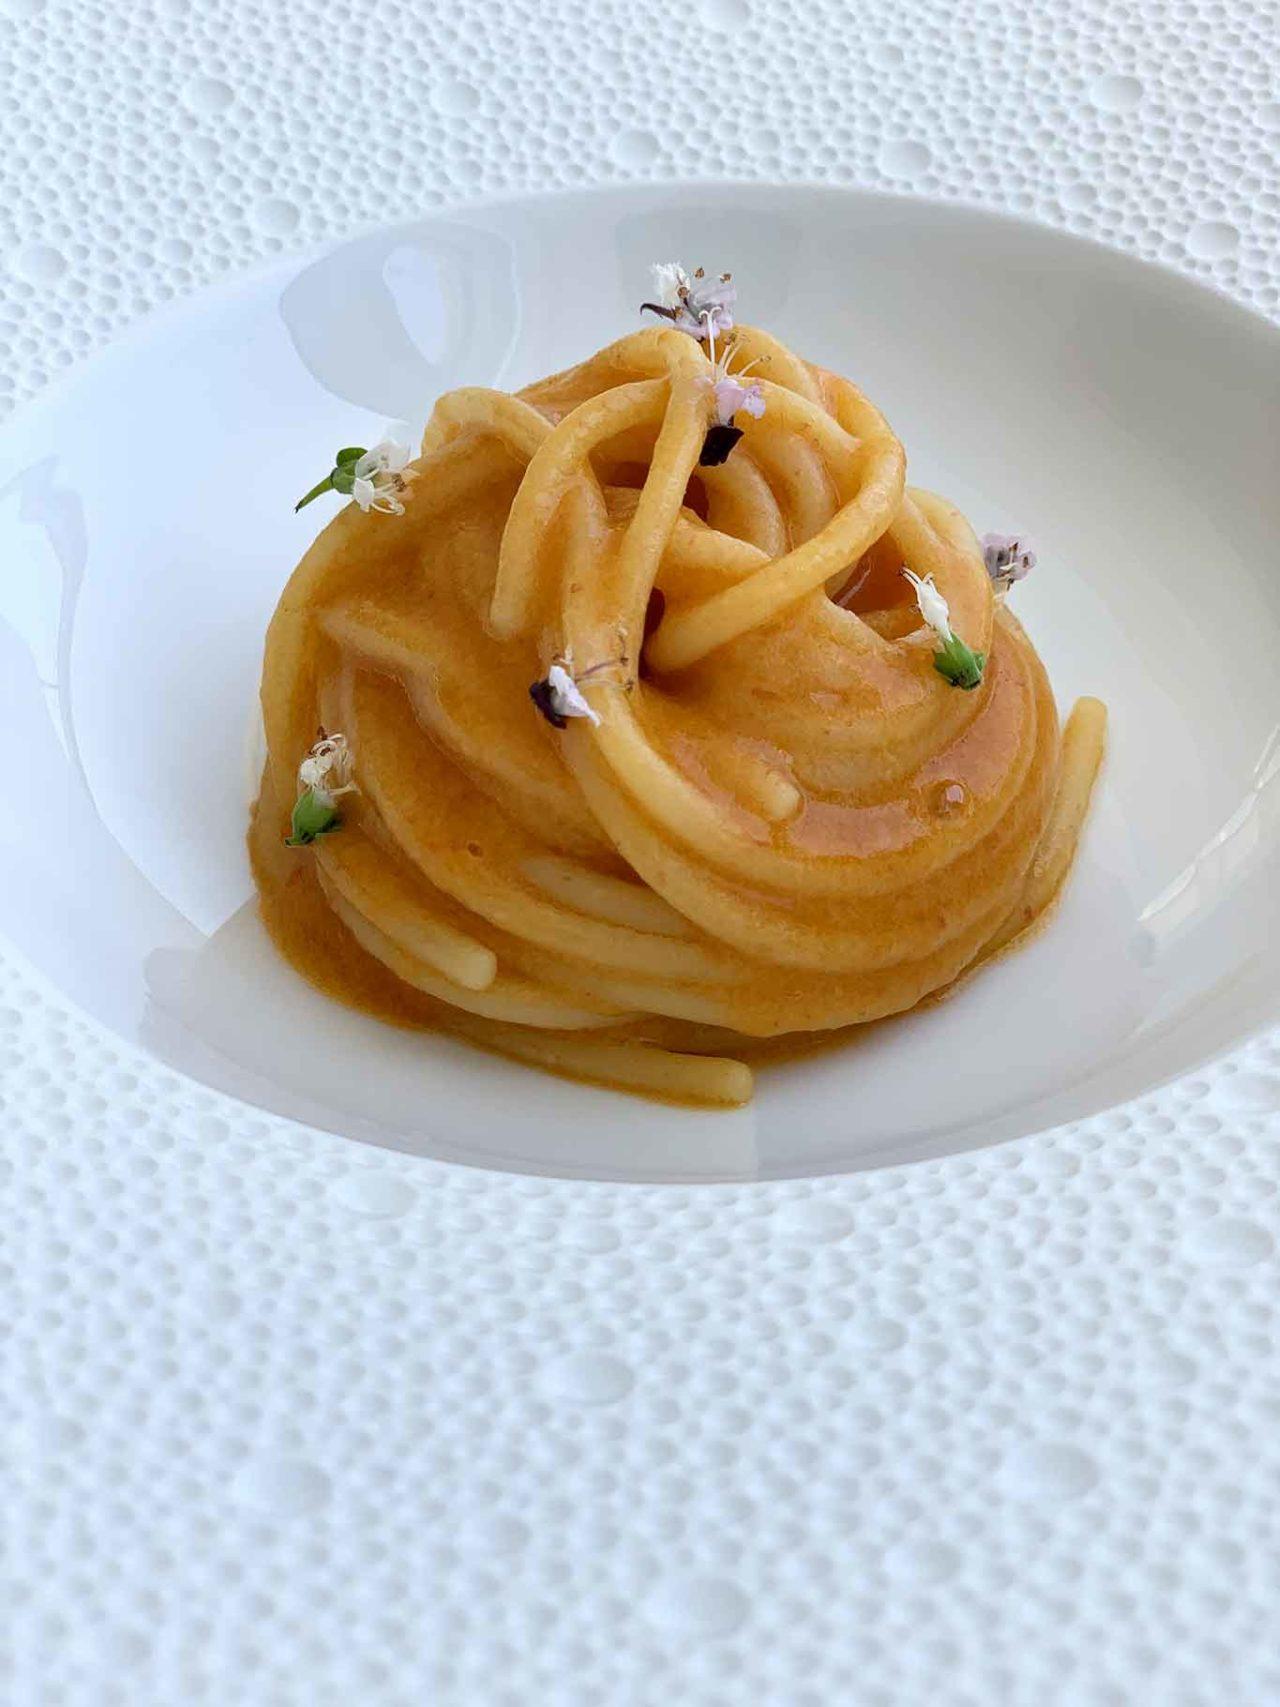 spaghetto al pomo d'oro Quattro Passi ristorante Nerano